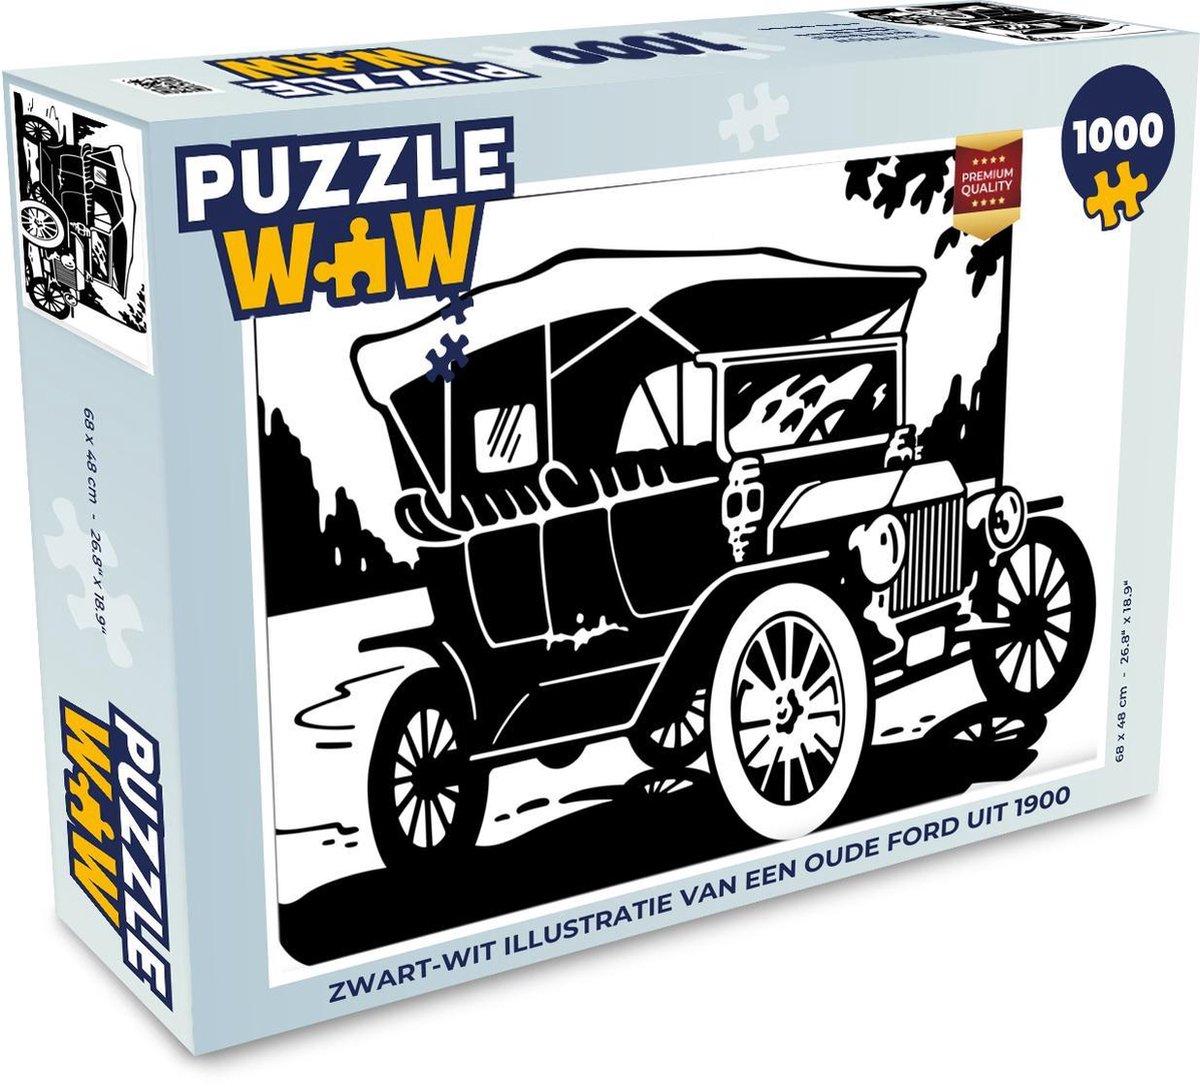 Puzzel 1000 stukjes volwassenen Oude ford auto's illustratie 1000 stukjes - Zwart-wit illustratie van een oude Ford uit 1900  - PuzzleWow heeft +100000 puzzels